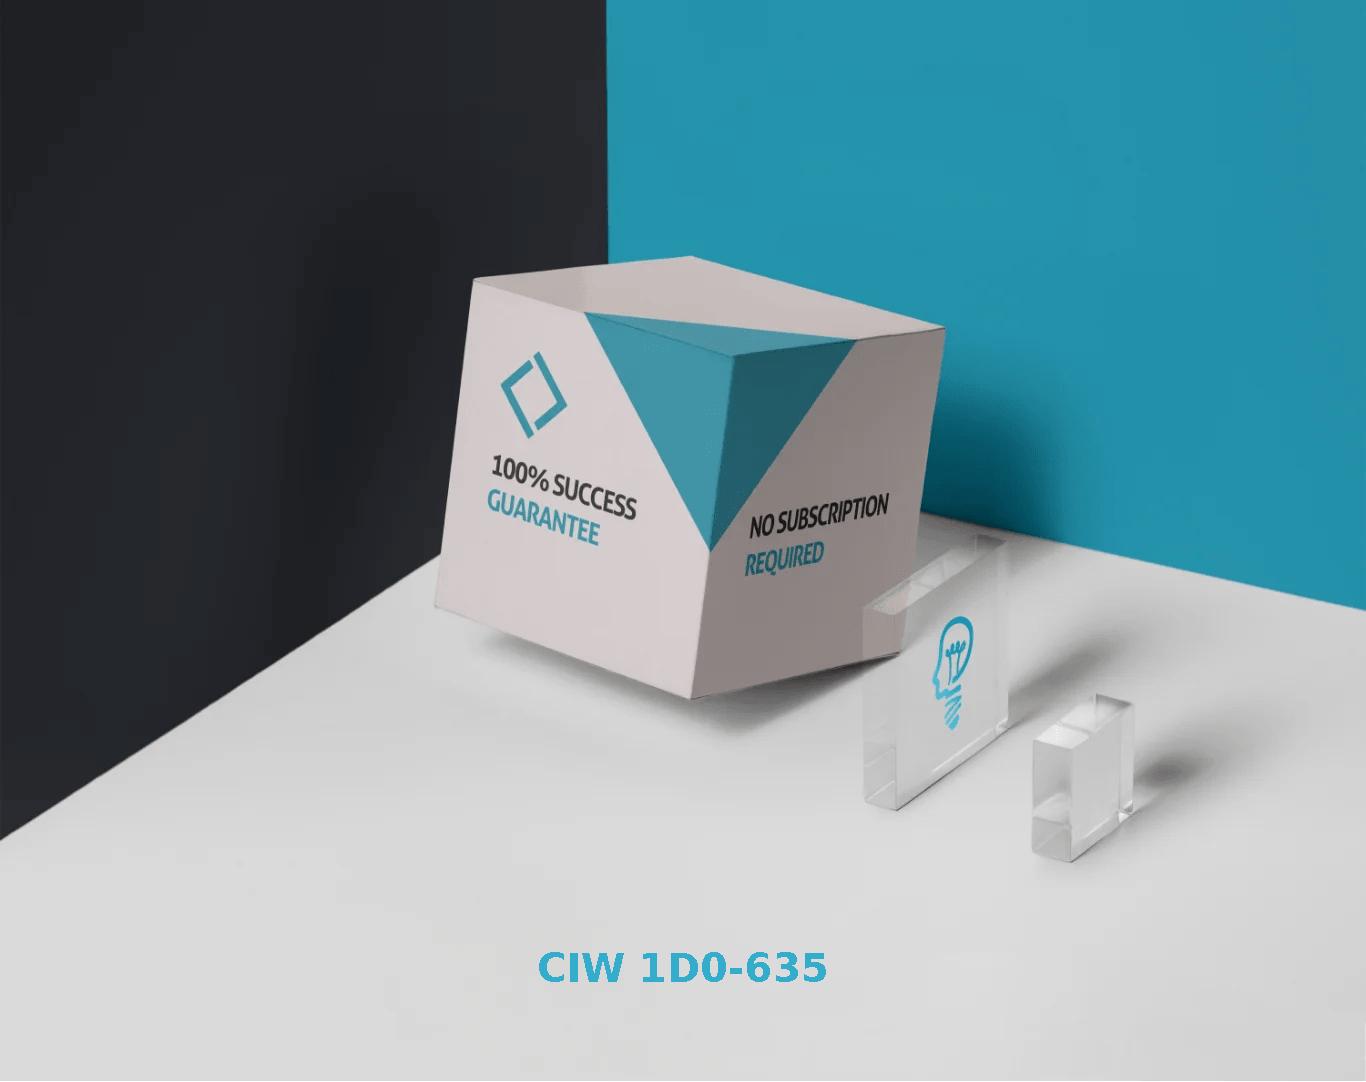 CIW 1D0-635 Exams